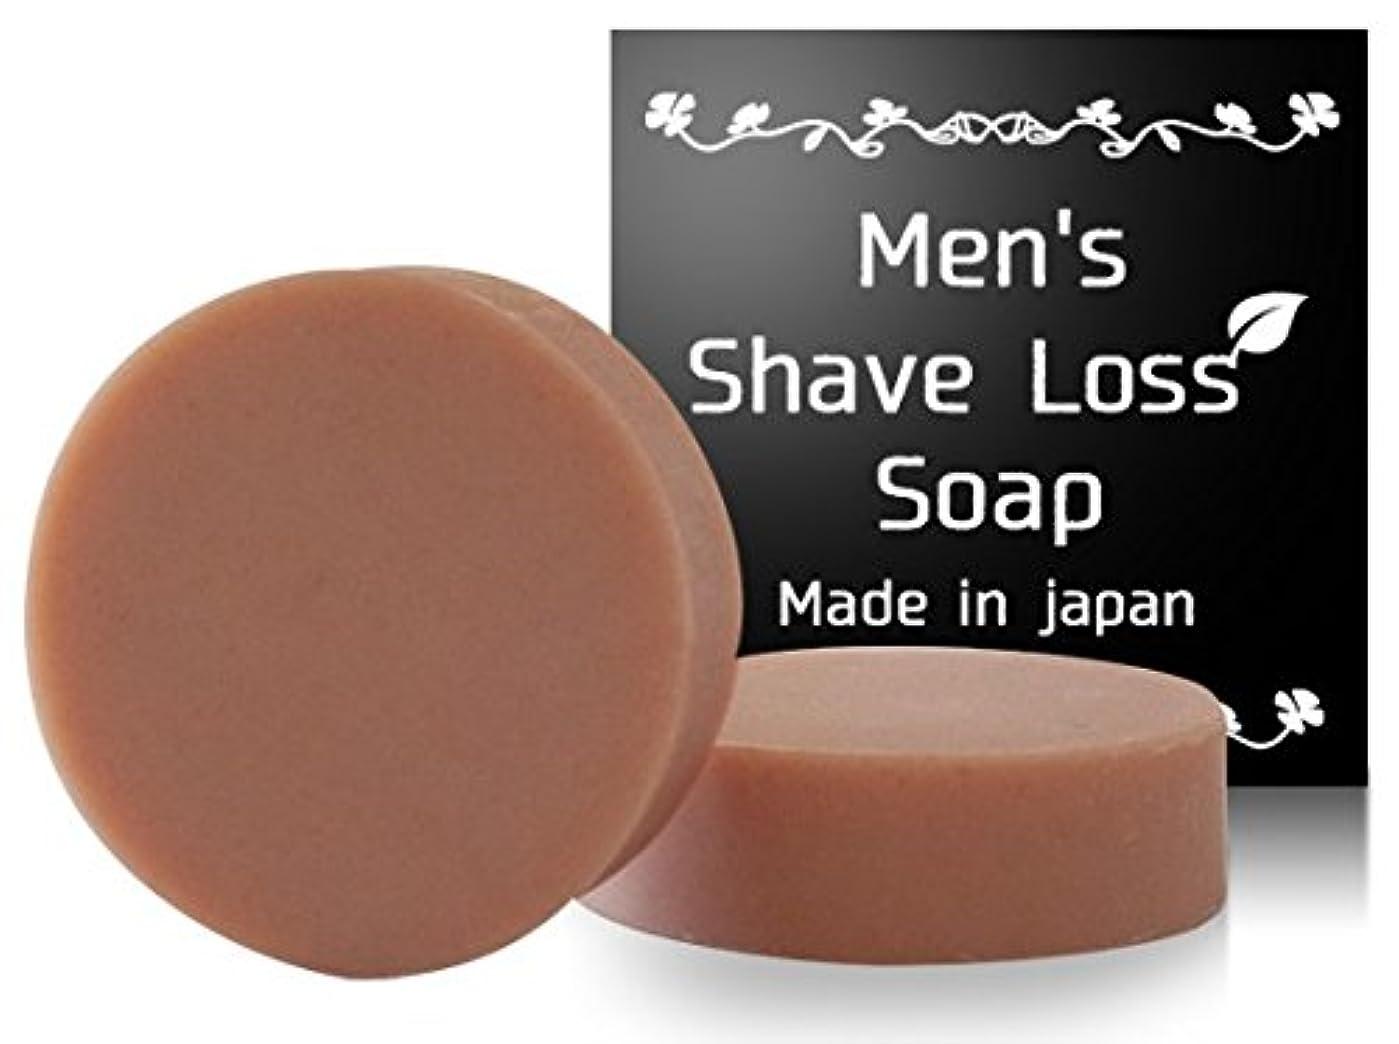 天国である効果的にMens Shave Loss Soap シェーブロス 剛毛は嫌!ツルツル過ぎも嫌! そんな夢を叶えた奇跡の石鹸! 【男性専用】(1個)